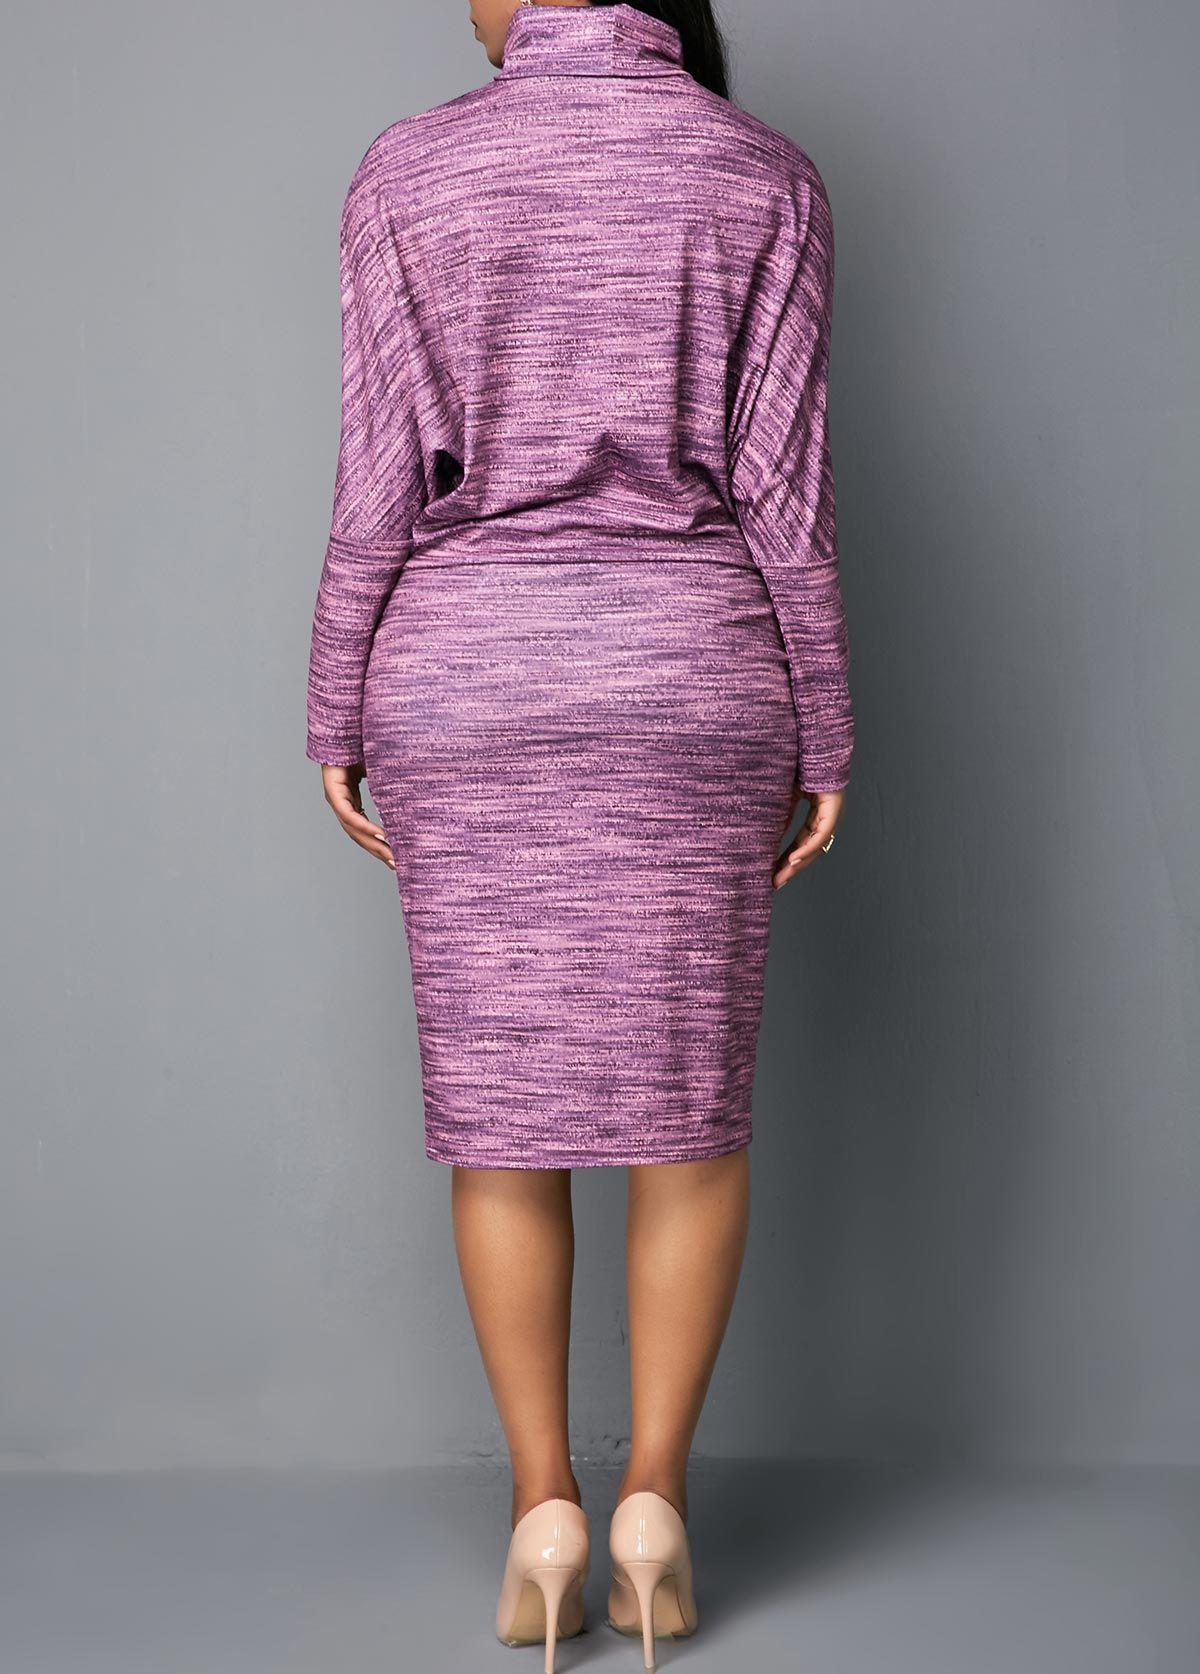 Mock neck long sleeve midi dress in dresses pinterest